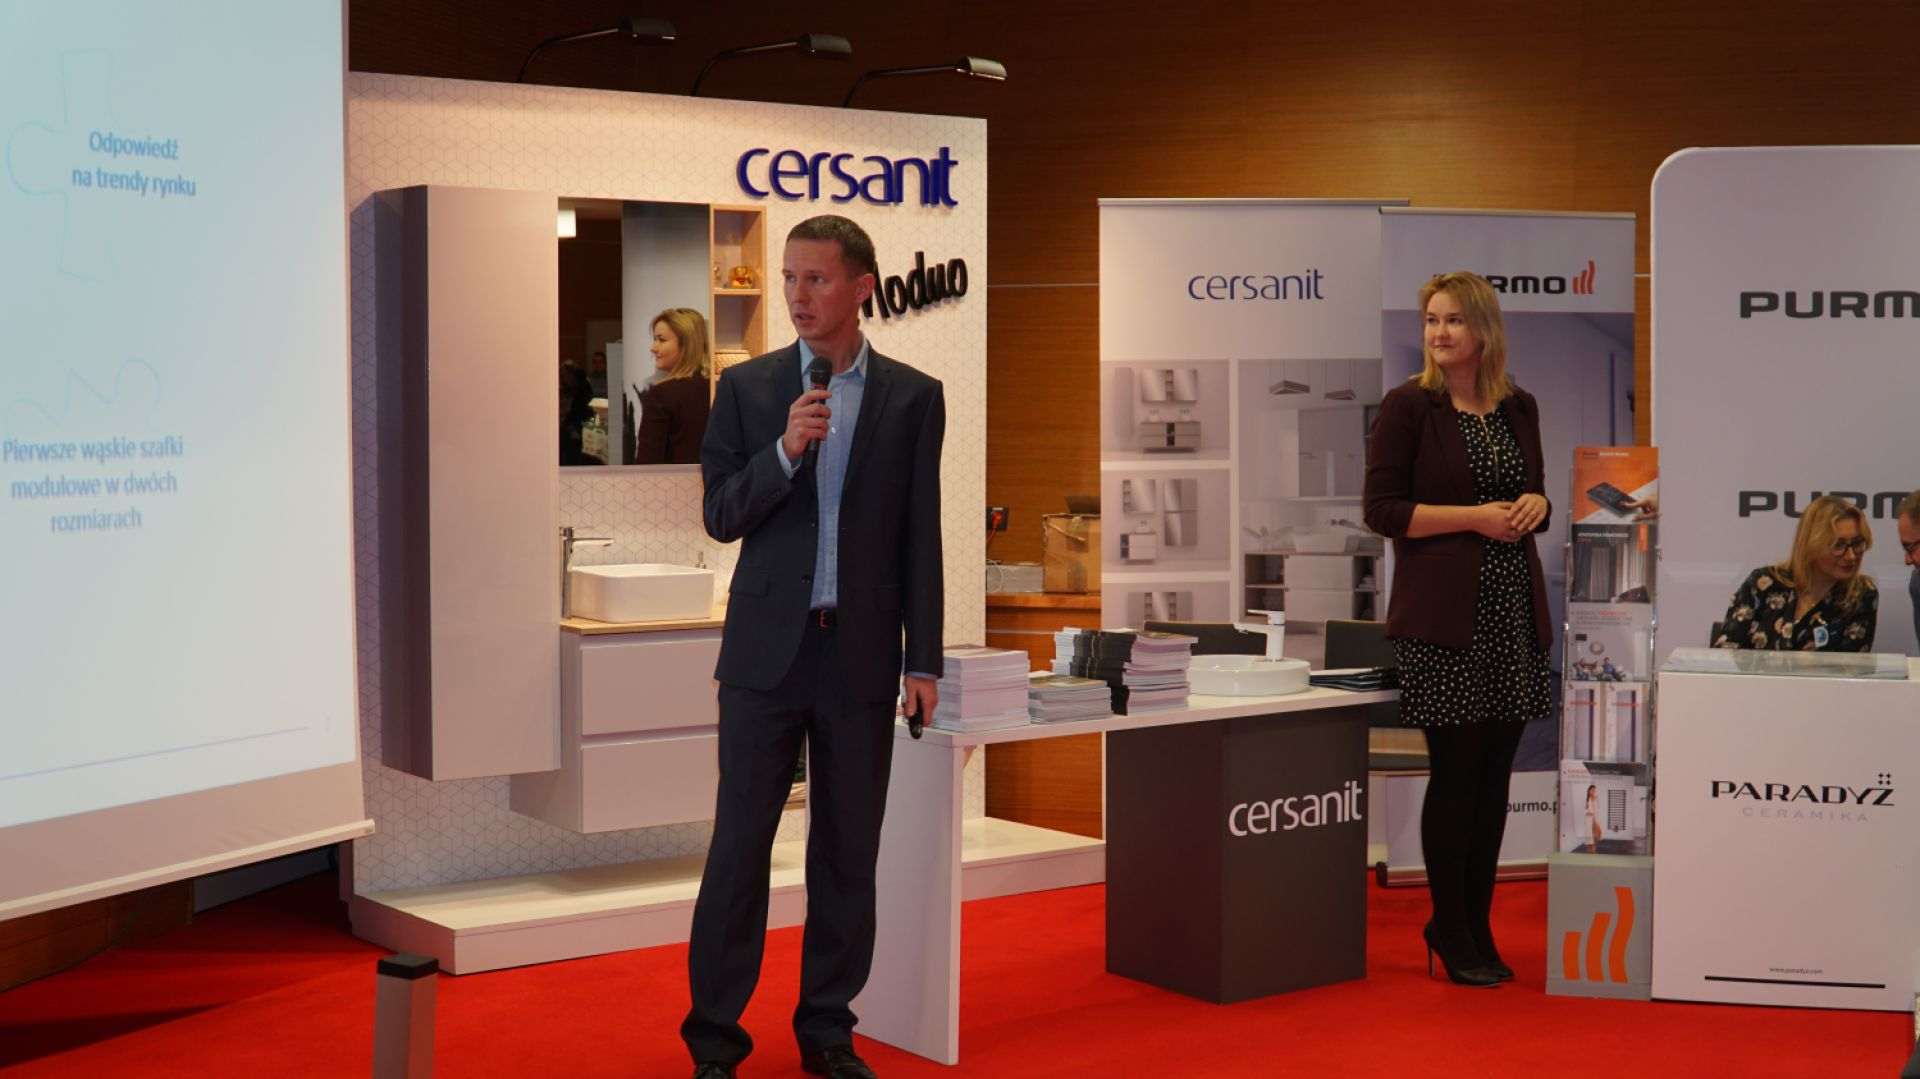 Prezentacja Konrada Zalewskiego i Moniki Wróblewskiej z firmy Cersanit